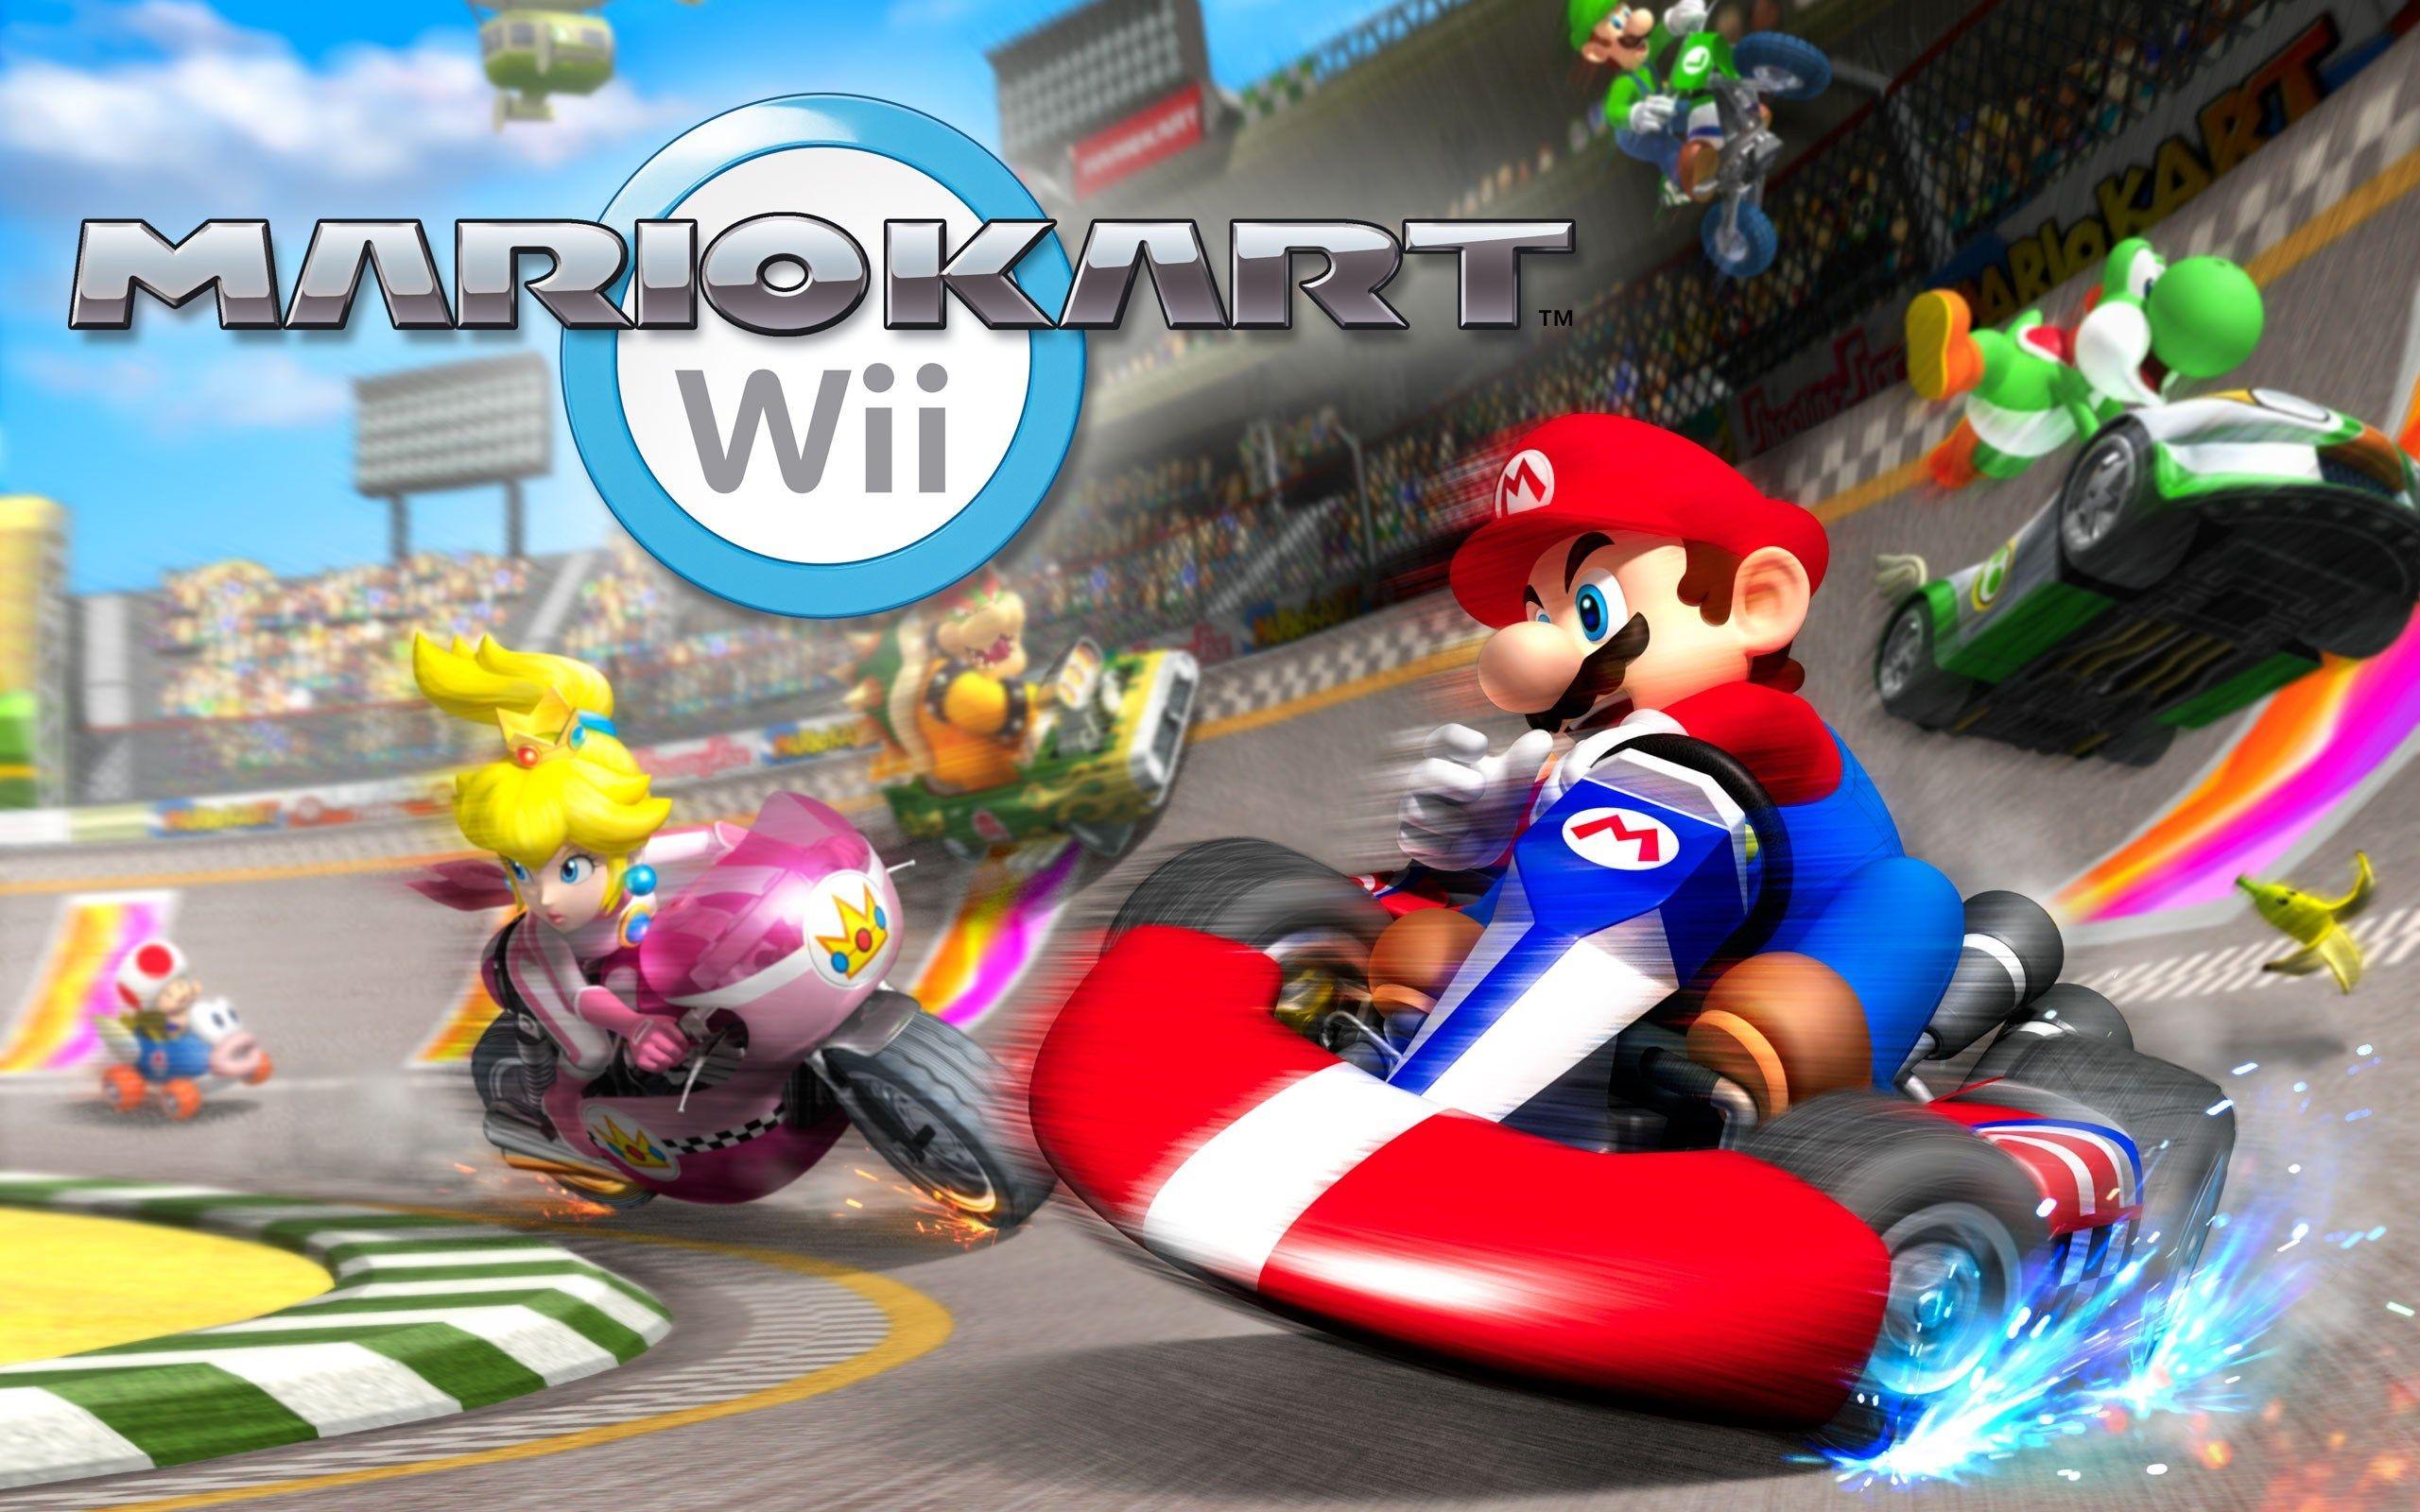 Wallpaper Desktop Mario Kart Wii Mario Kart Wii Mario